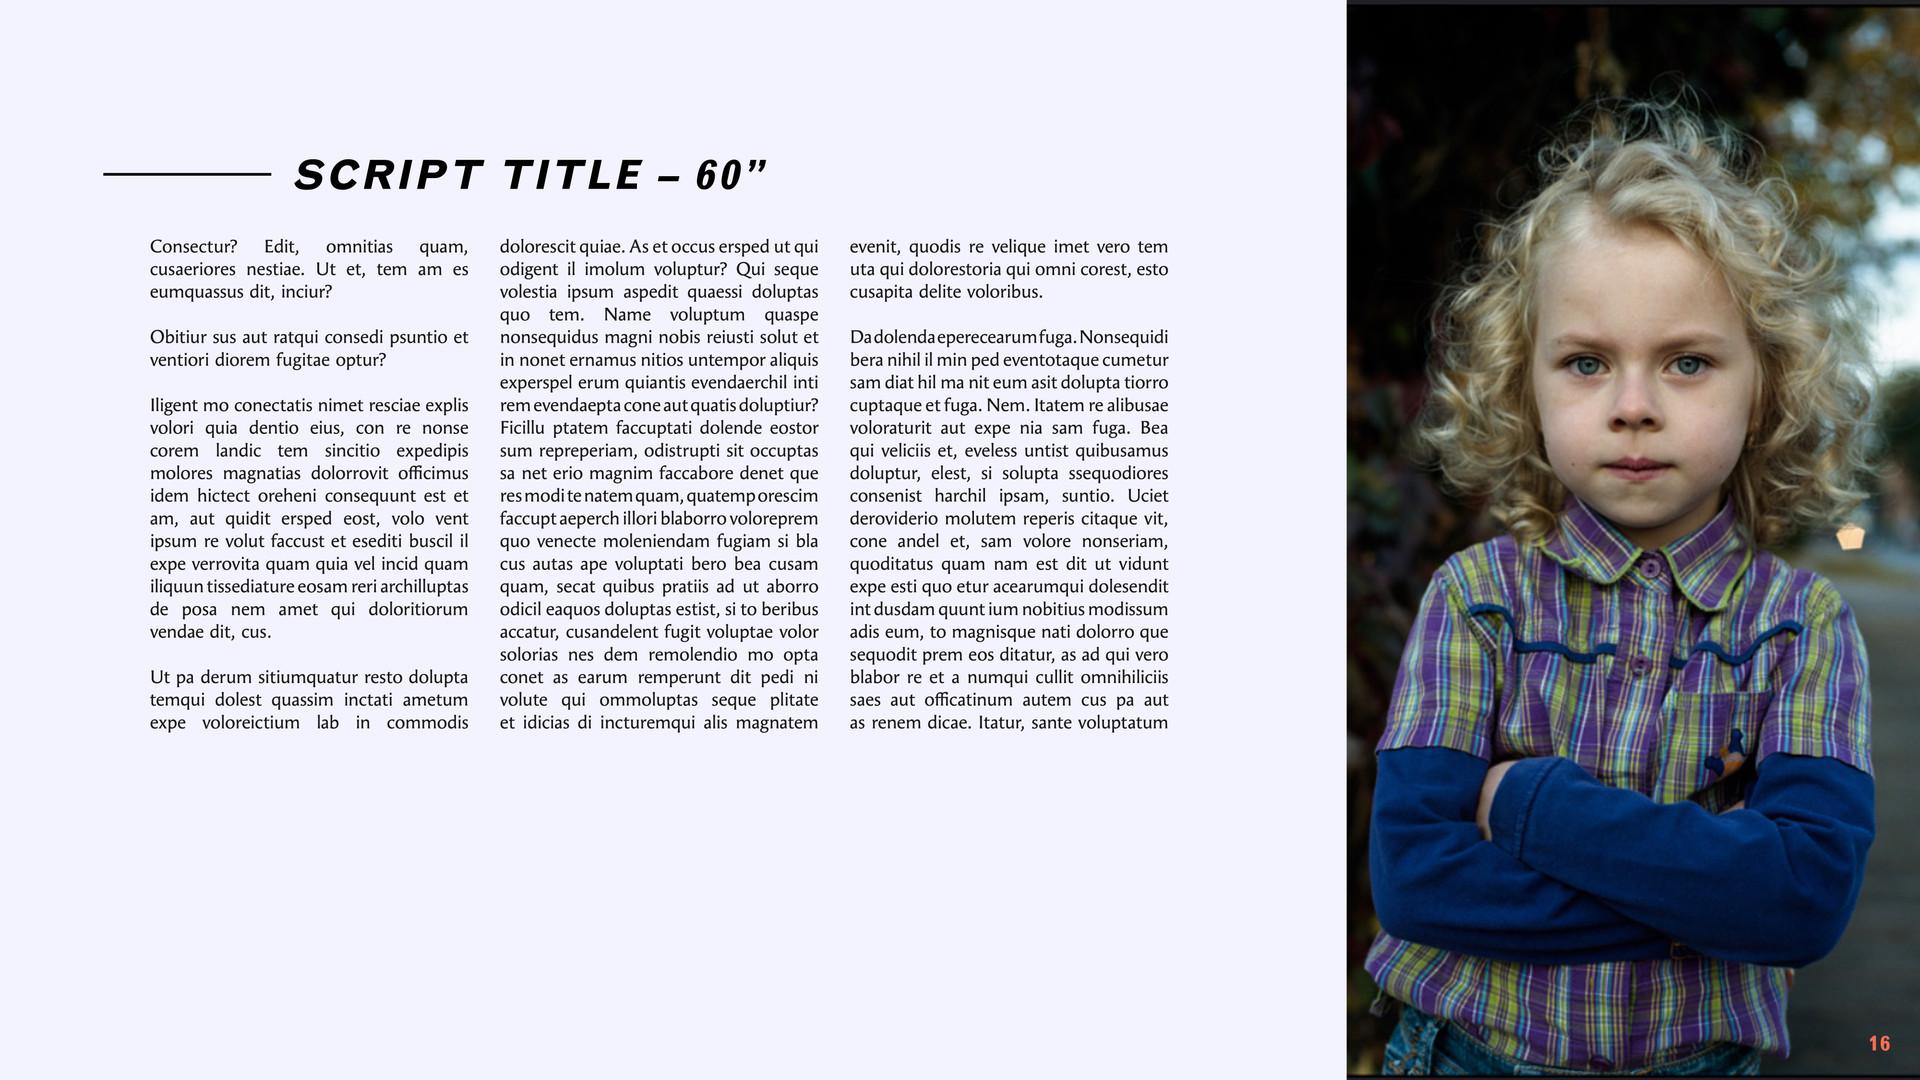 EUFA - Jim Gilchrist v2 website 2 16.jpe